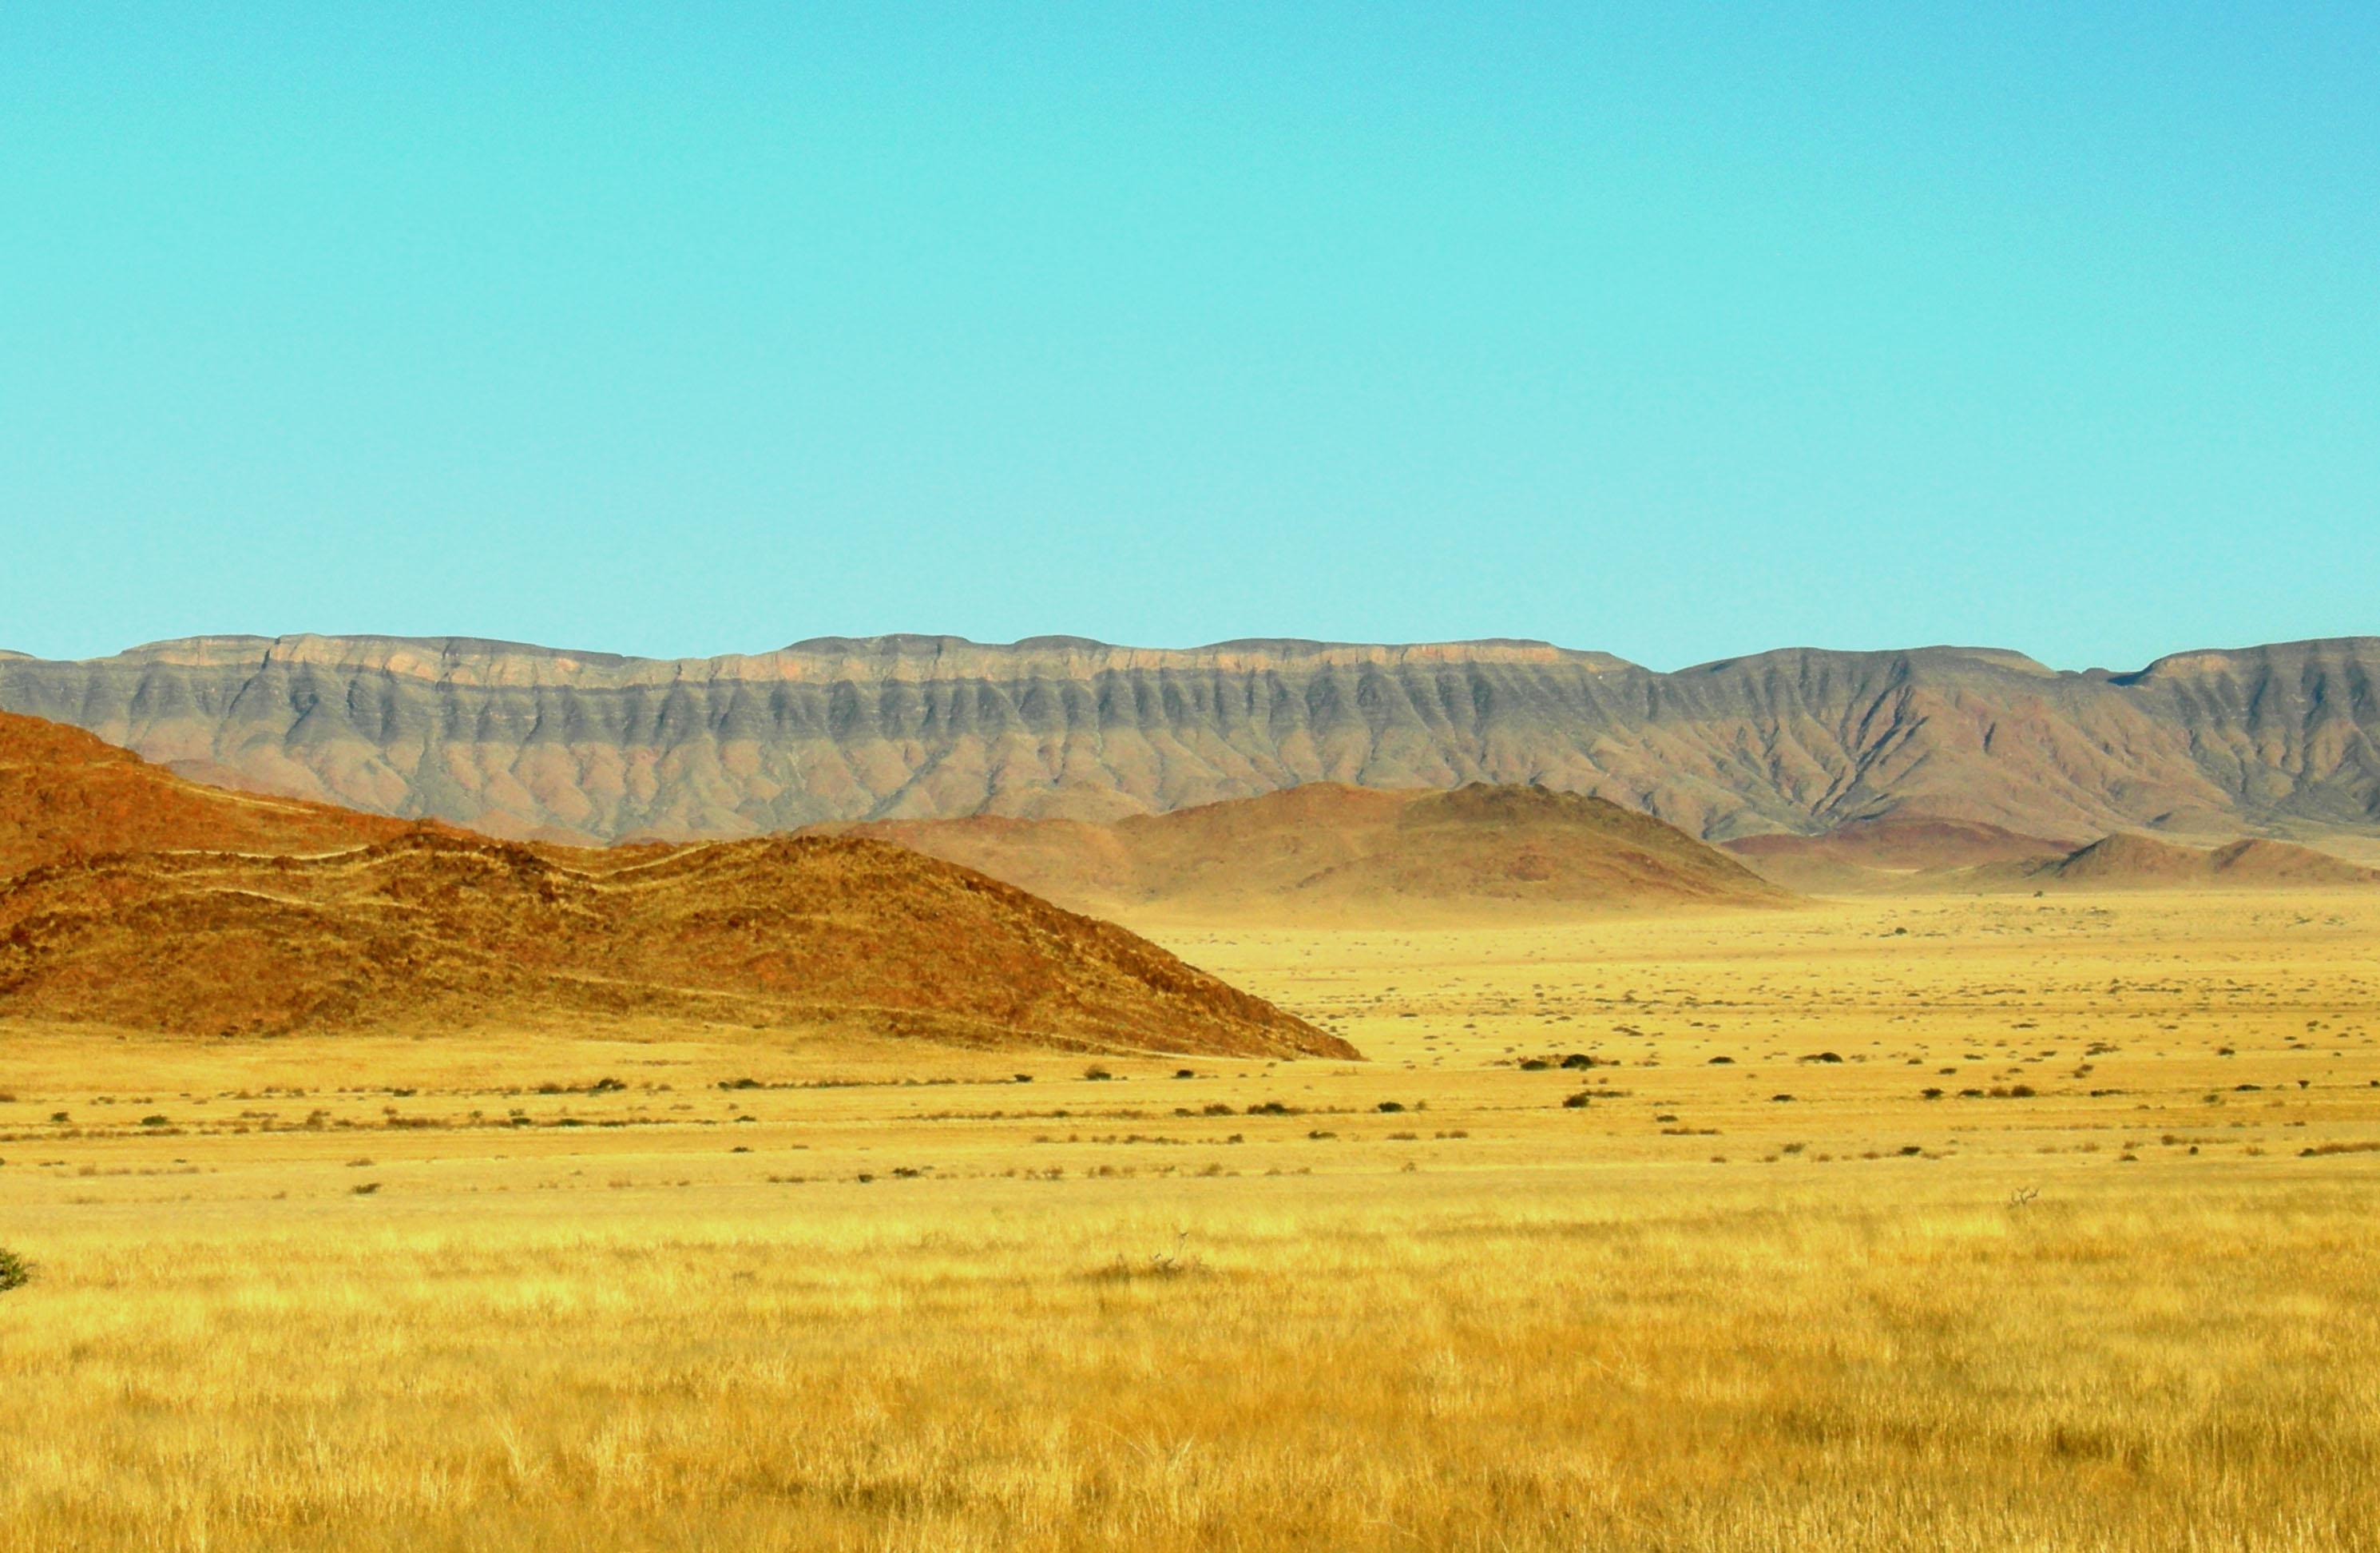 barchan_dunes_near_kalahari_desert_namibia